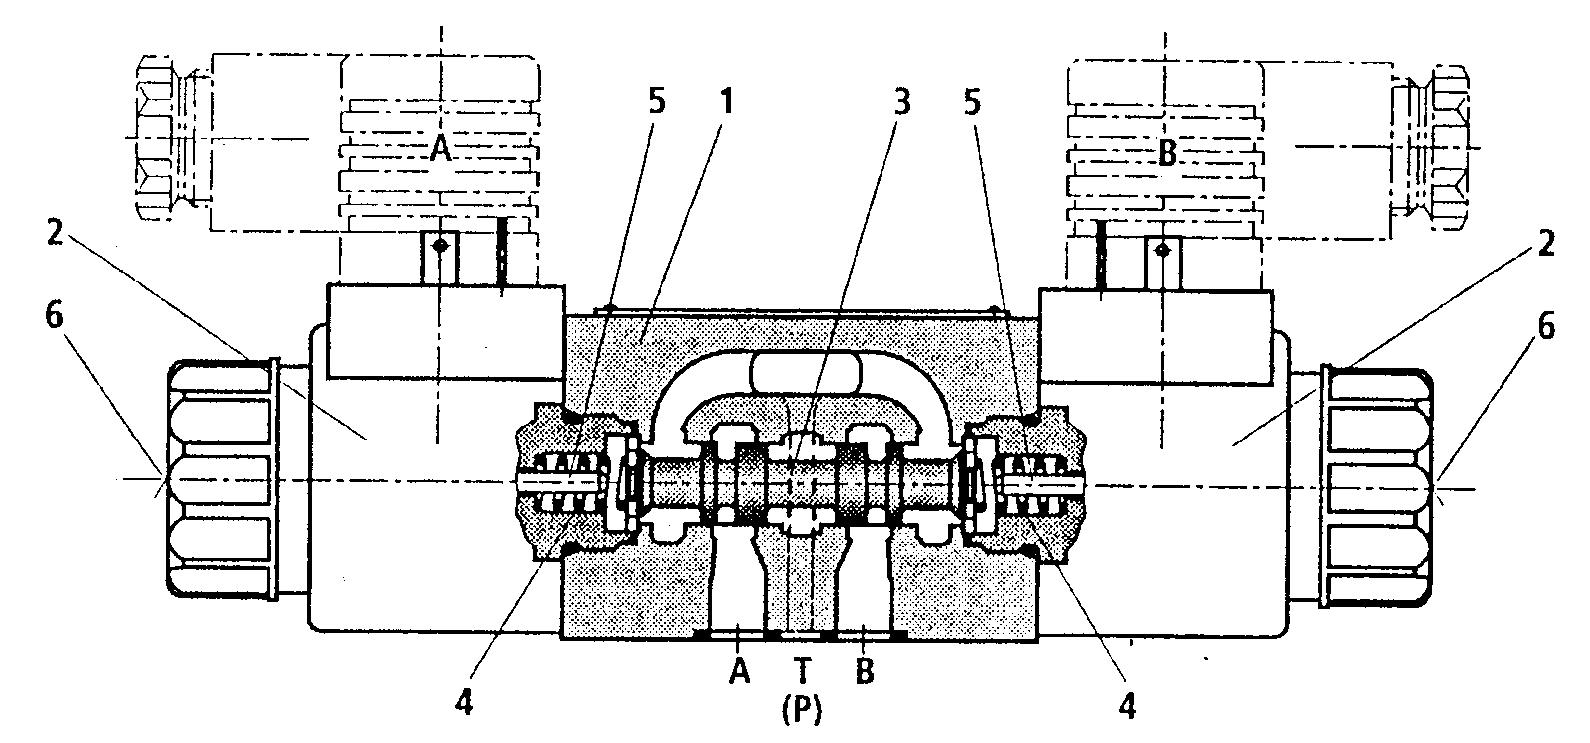 Гидрострелка для отопления гидроразделитель в системе, для чего нужна, что это такое и зачем, гидравлический распределитель, устройство стрелки, как рассчитать